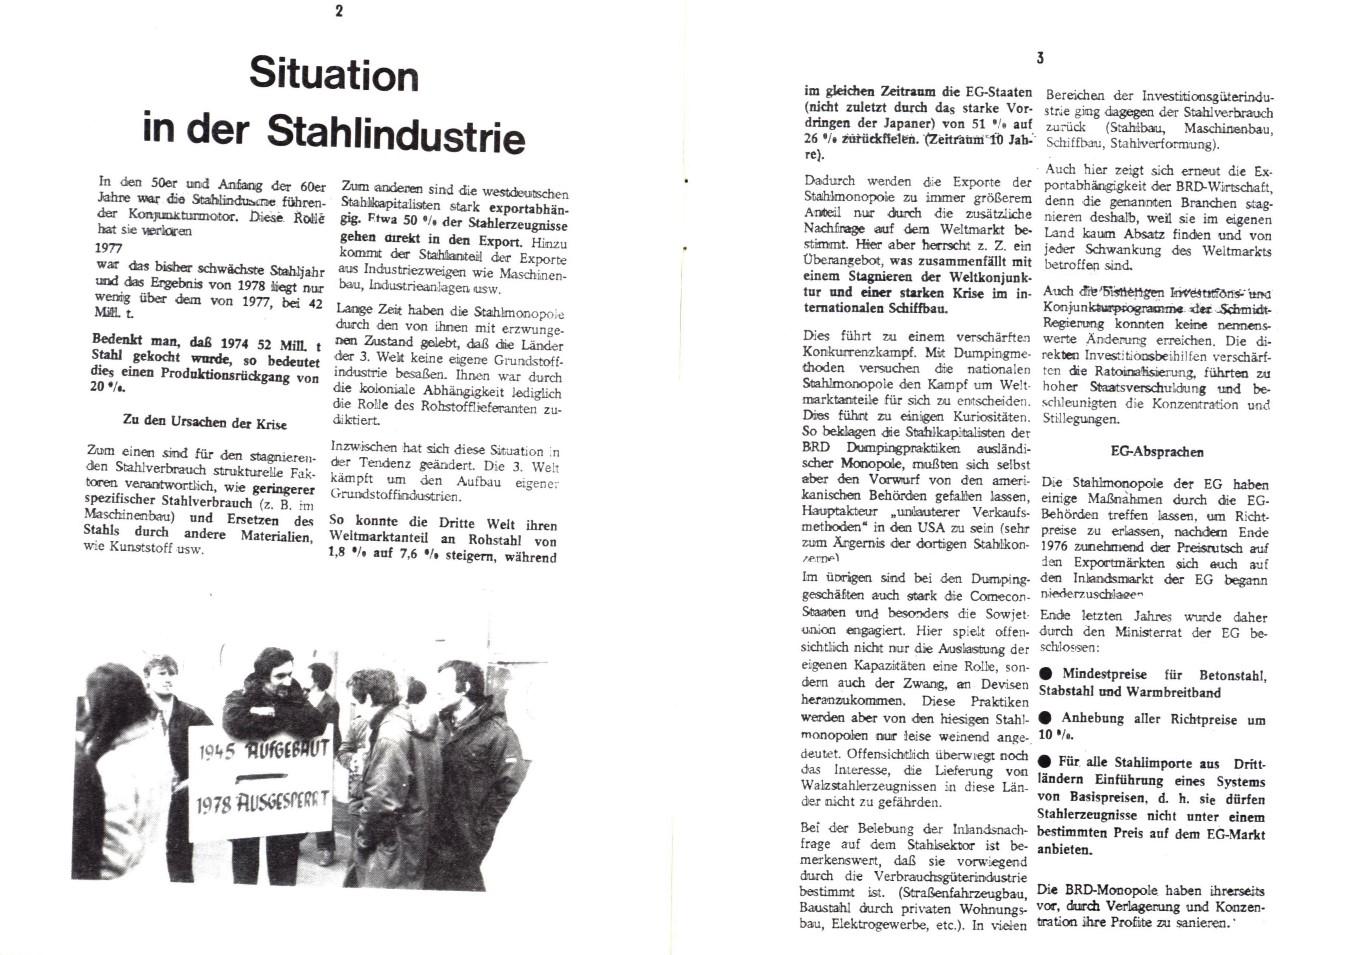 KPDAO_1979_Streik_in_der_Stahlindustrie_03